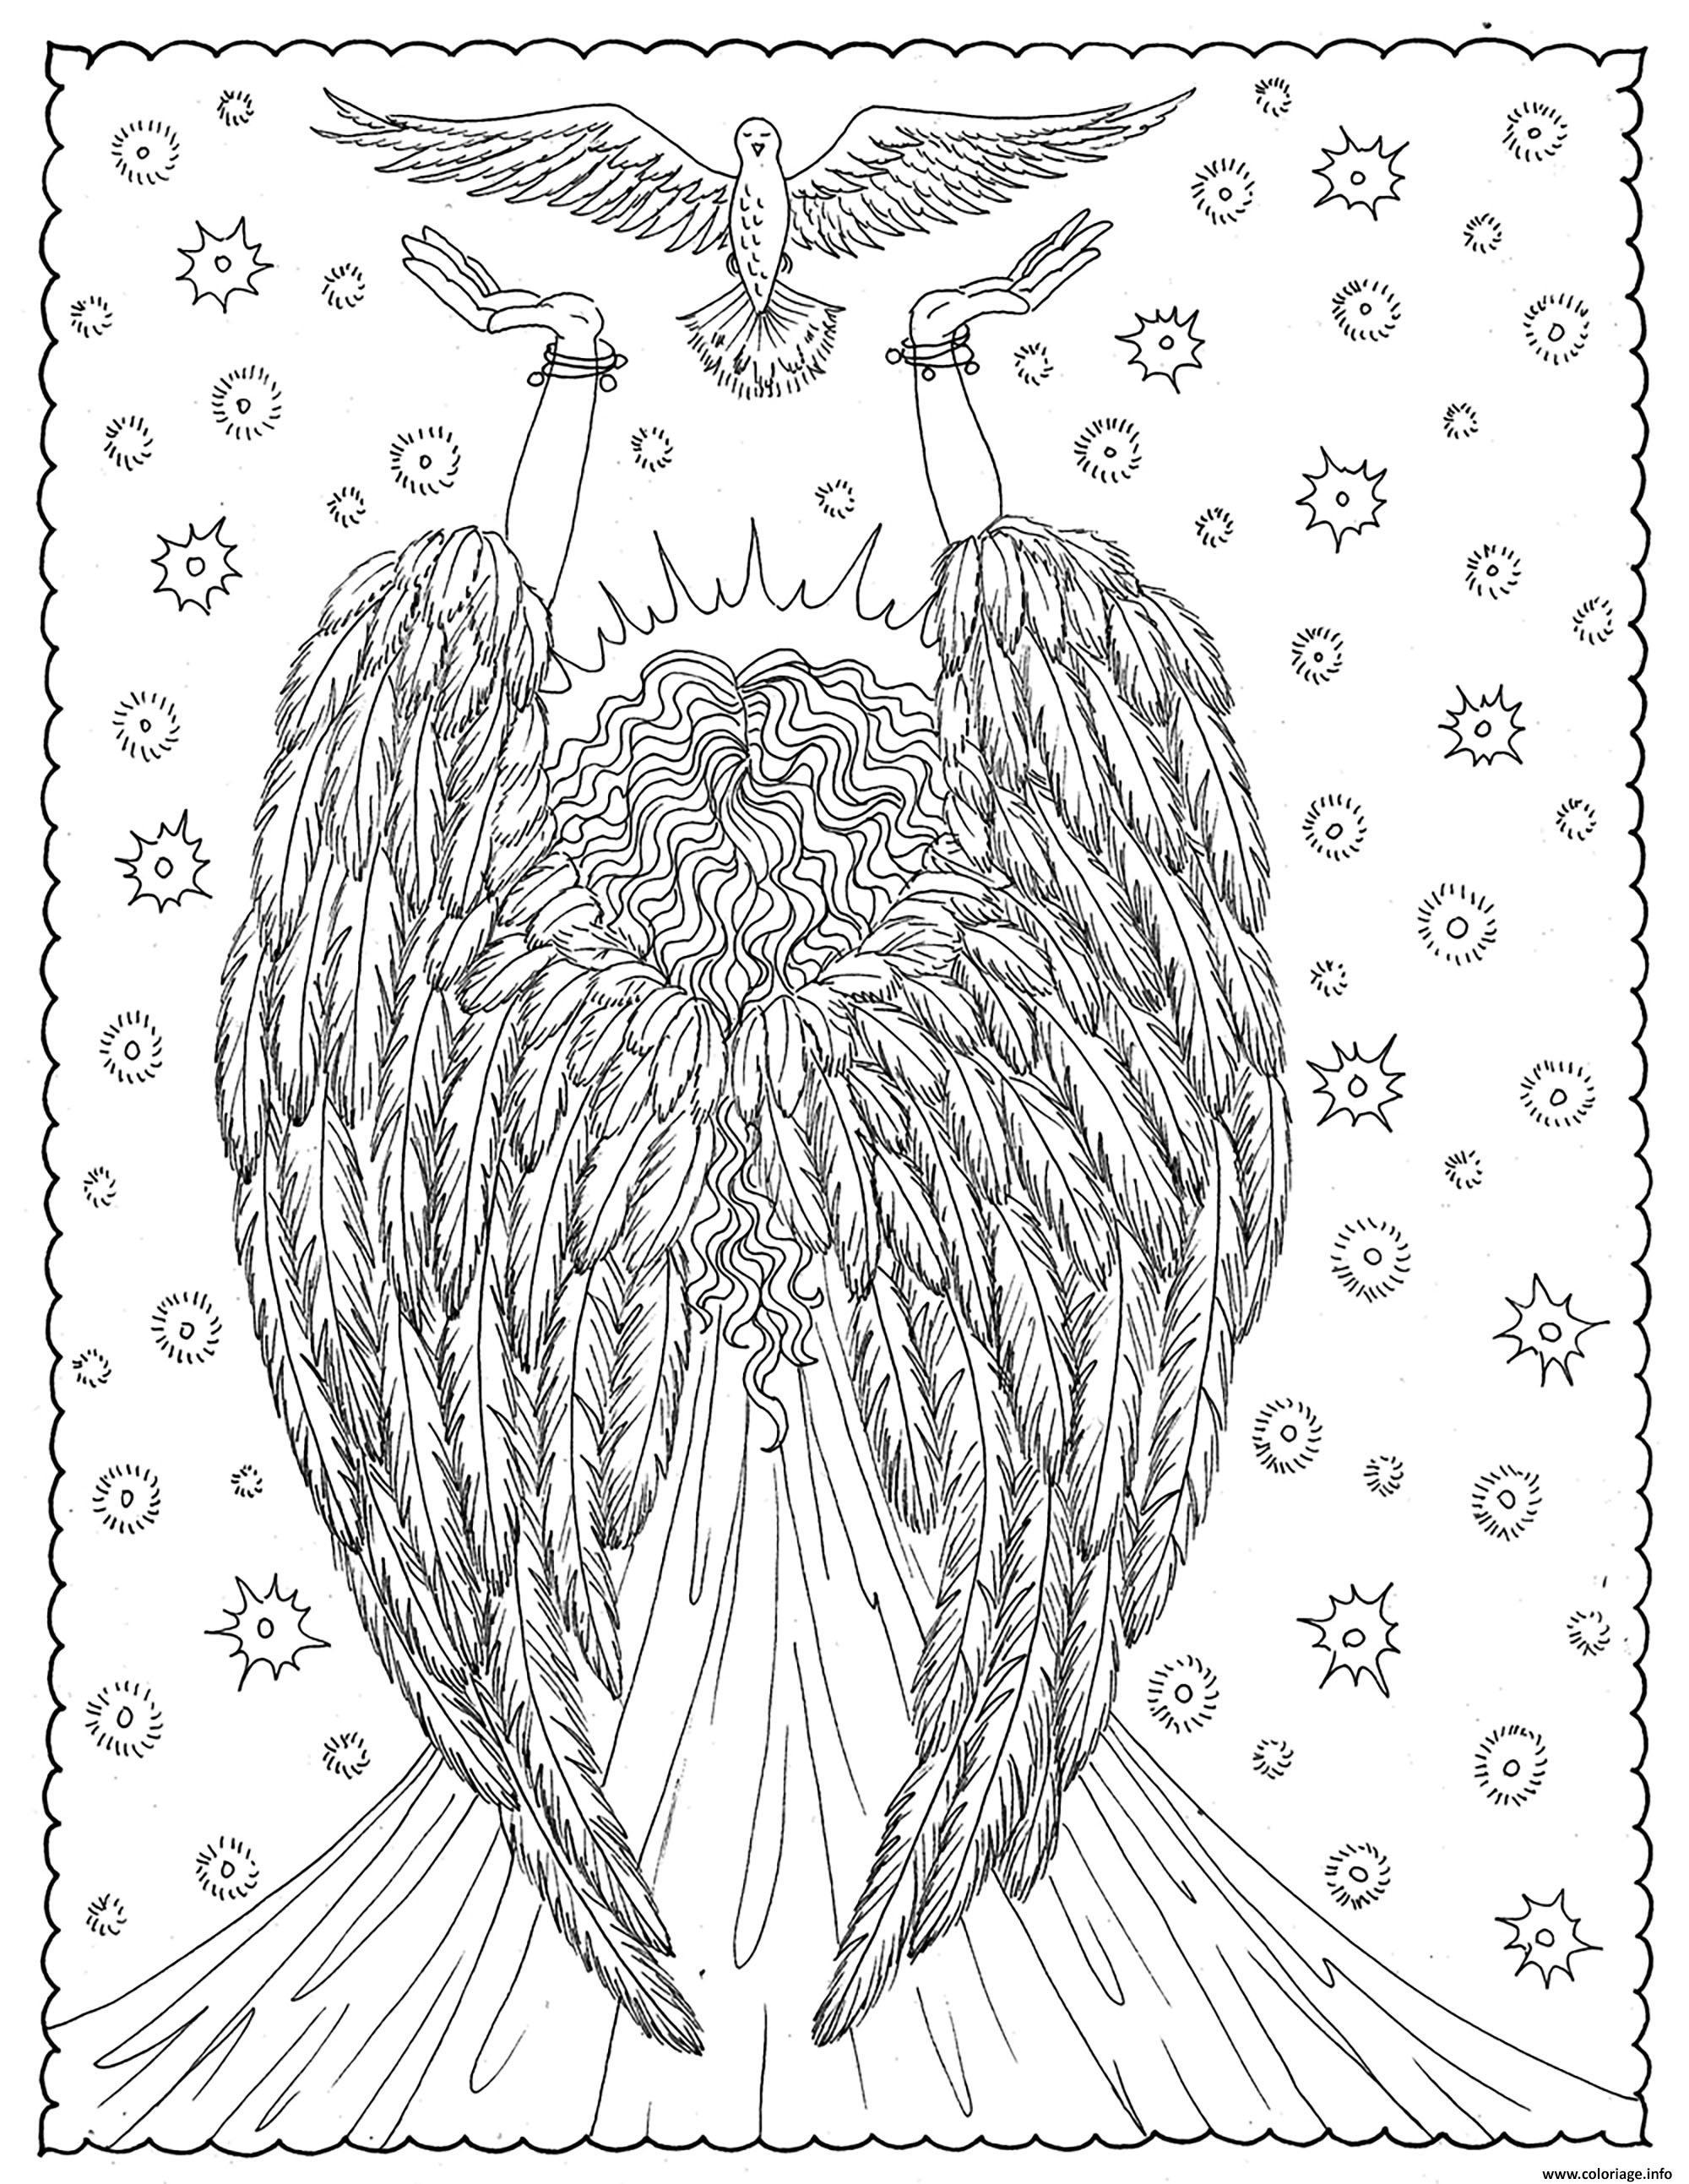 Dessin adulte ange de la liberte par deborah muller Coloriage Gratuit à Imprimer